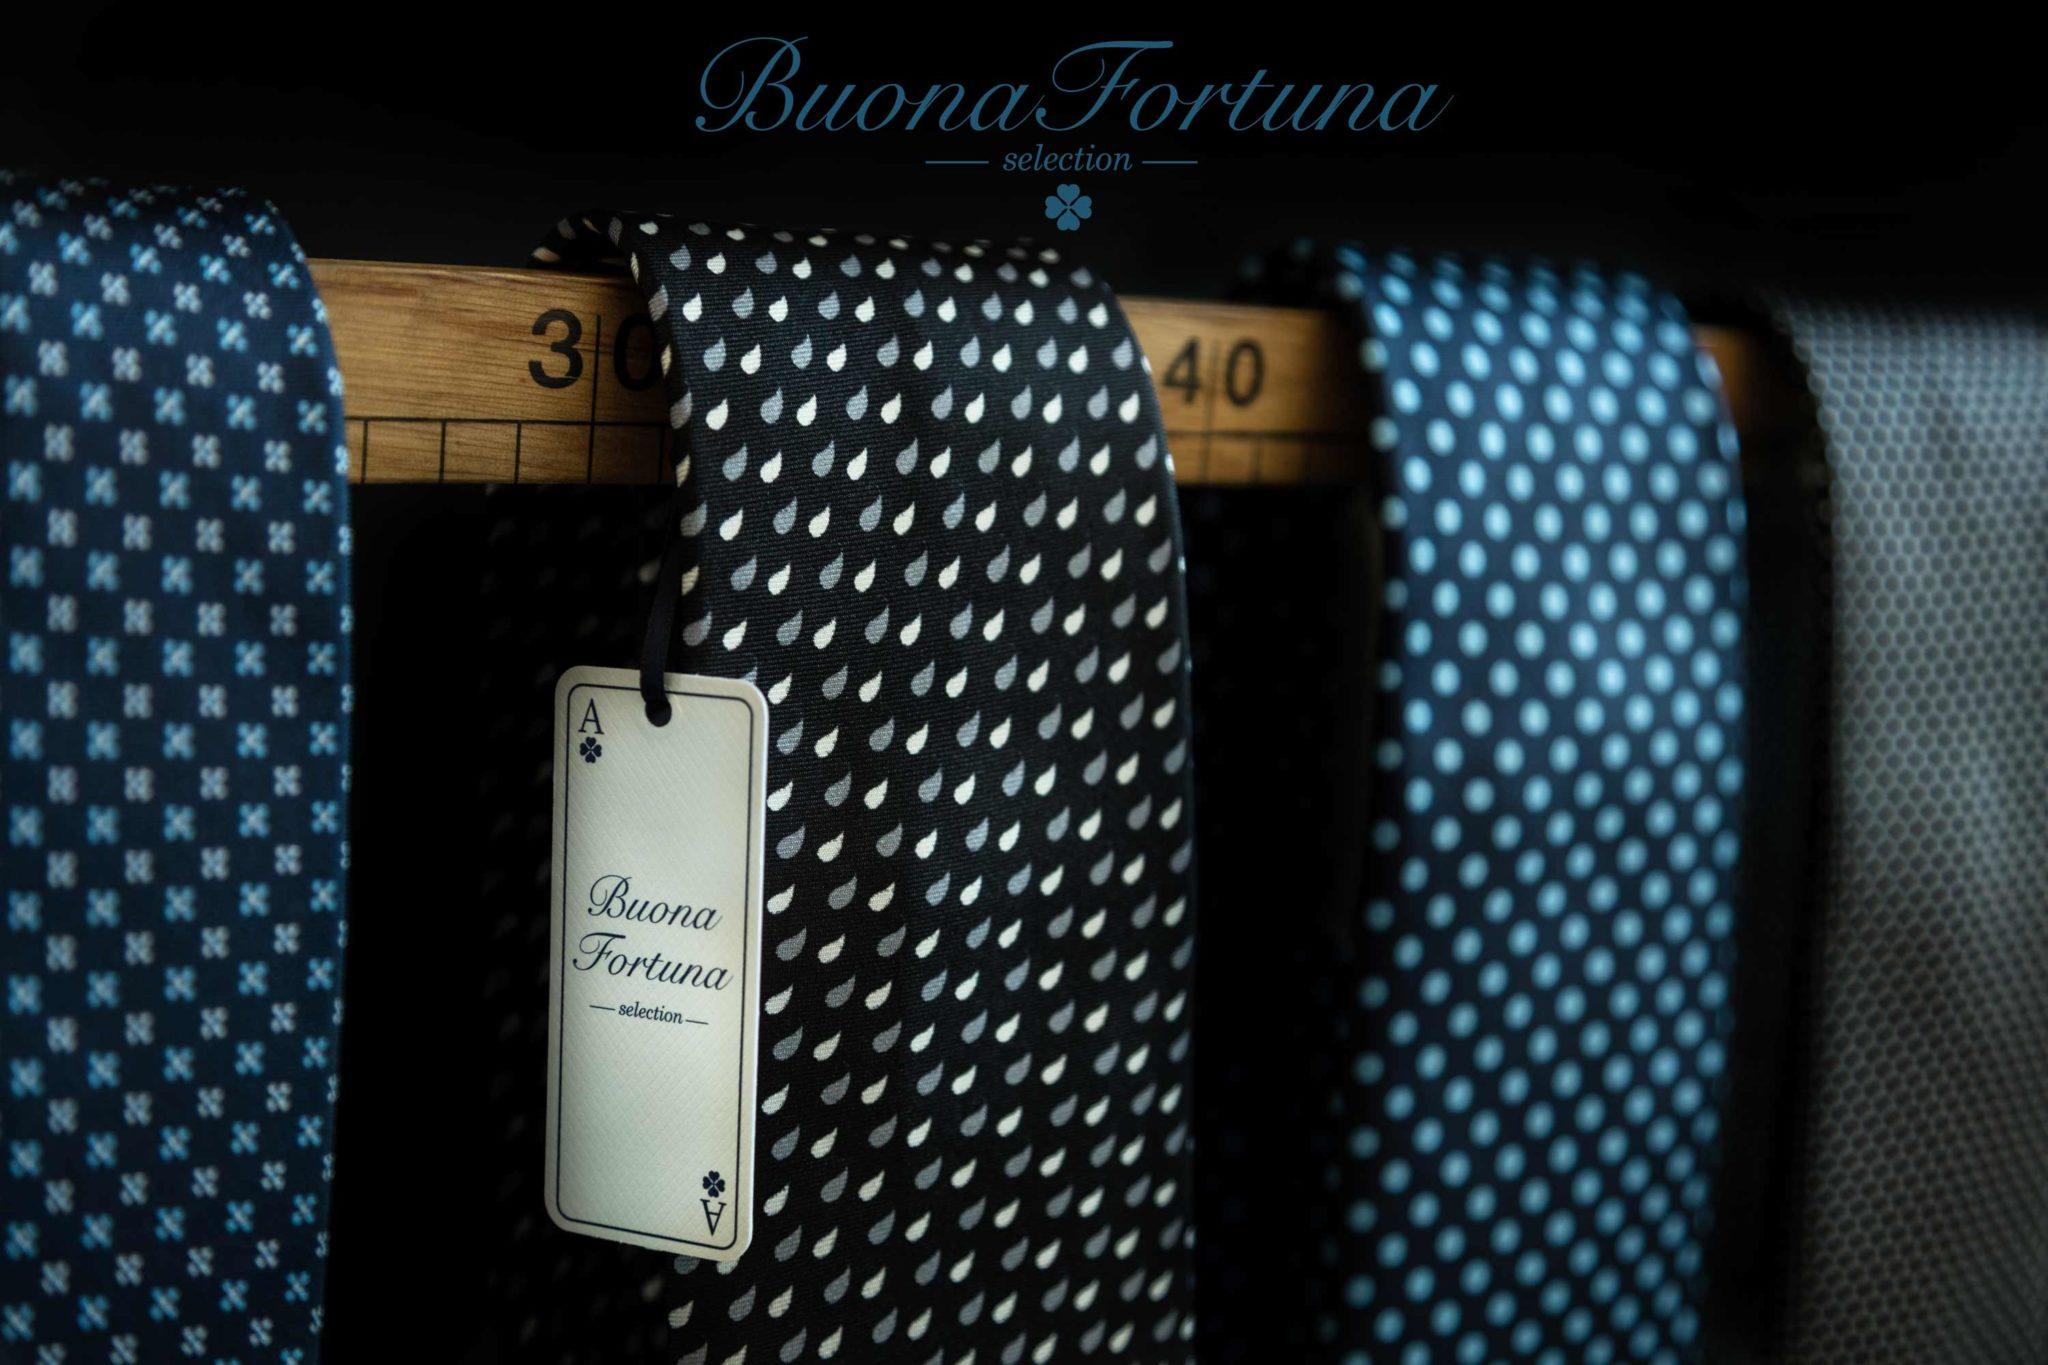 Fótografo profesional de catálogo de producto fotografía publicitaria de moda buonafortuna